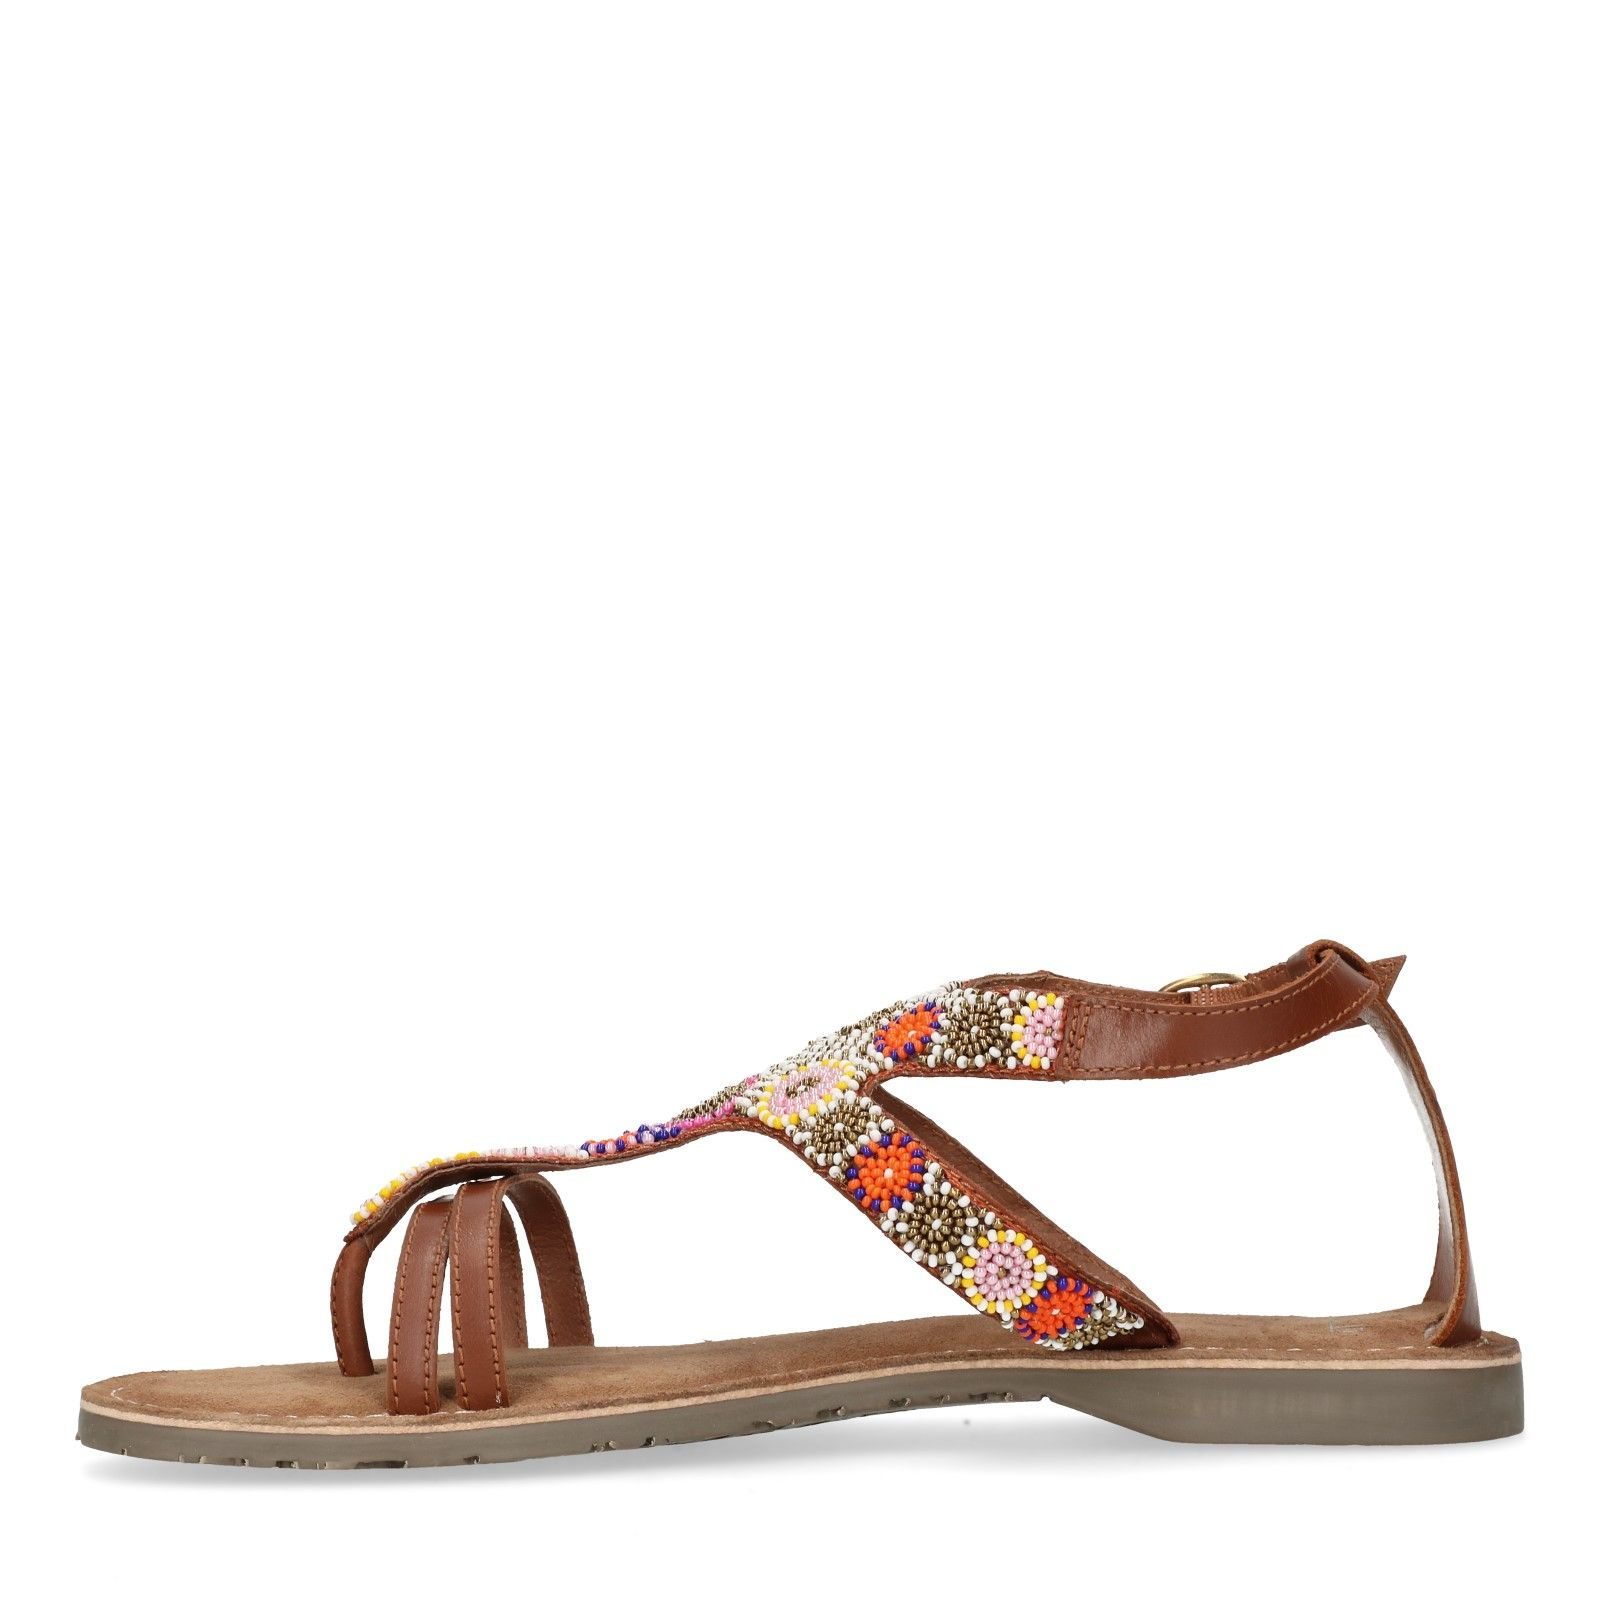 Verrassend Leren sandalen met kralen - Dames | MANFIELD HJ-27